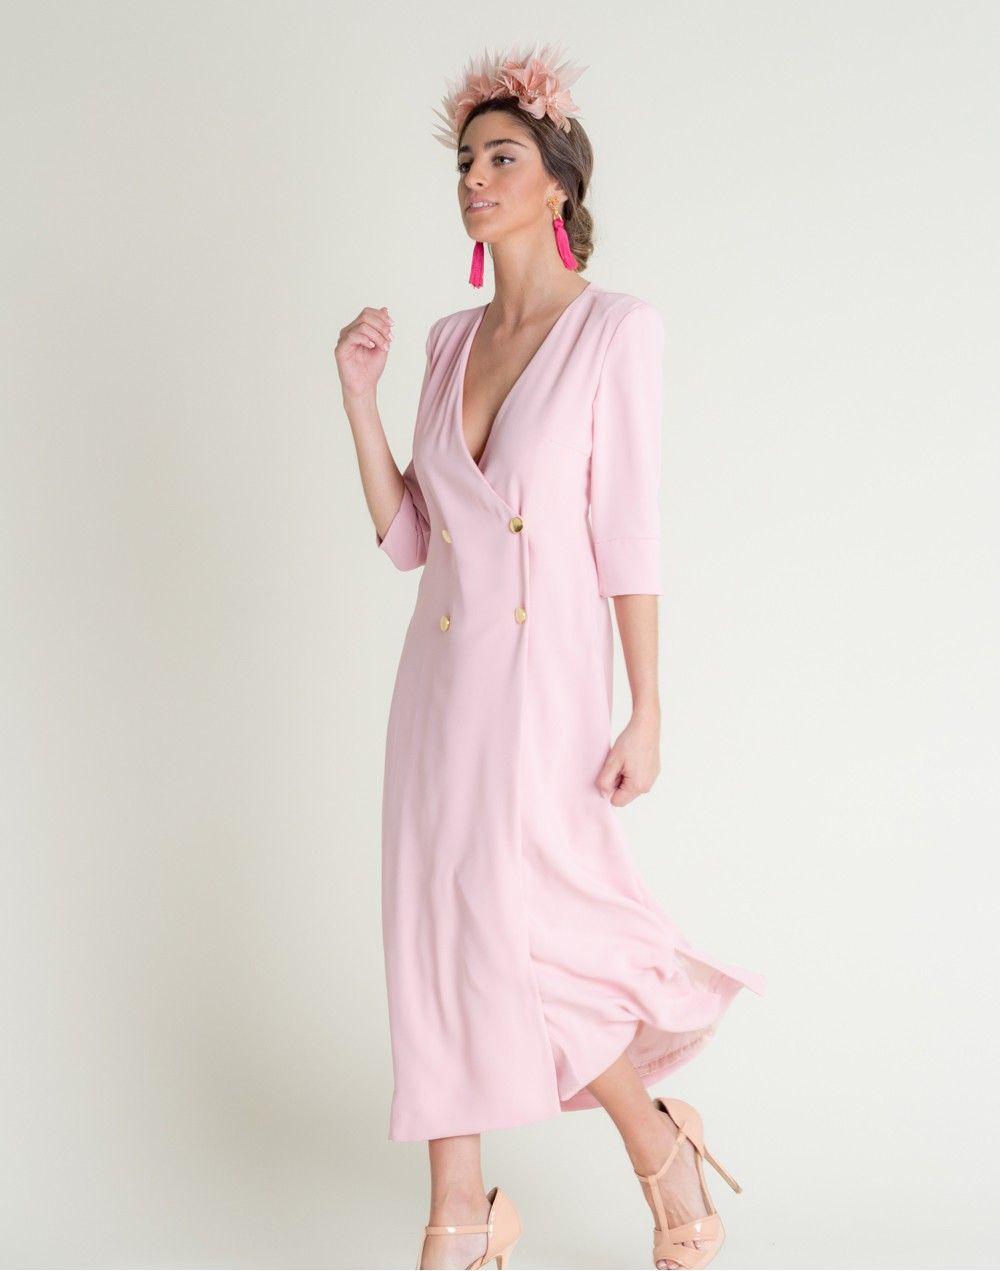 8f9e9a9cf Vestido midi camisero con botones de Dnook Este vestido es perfecto para  llevar a tus eventos